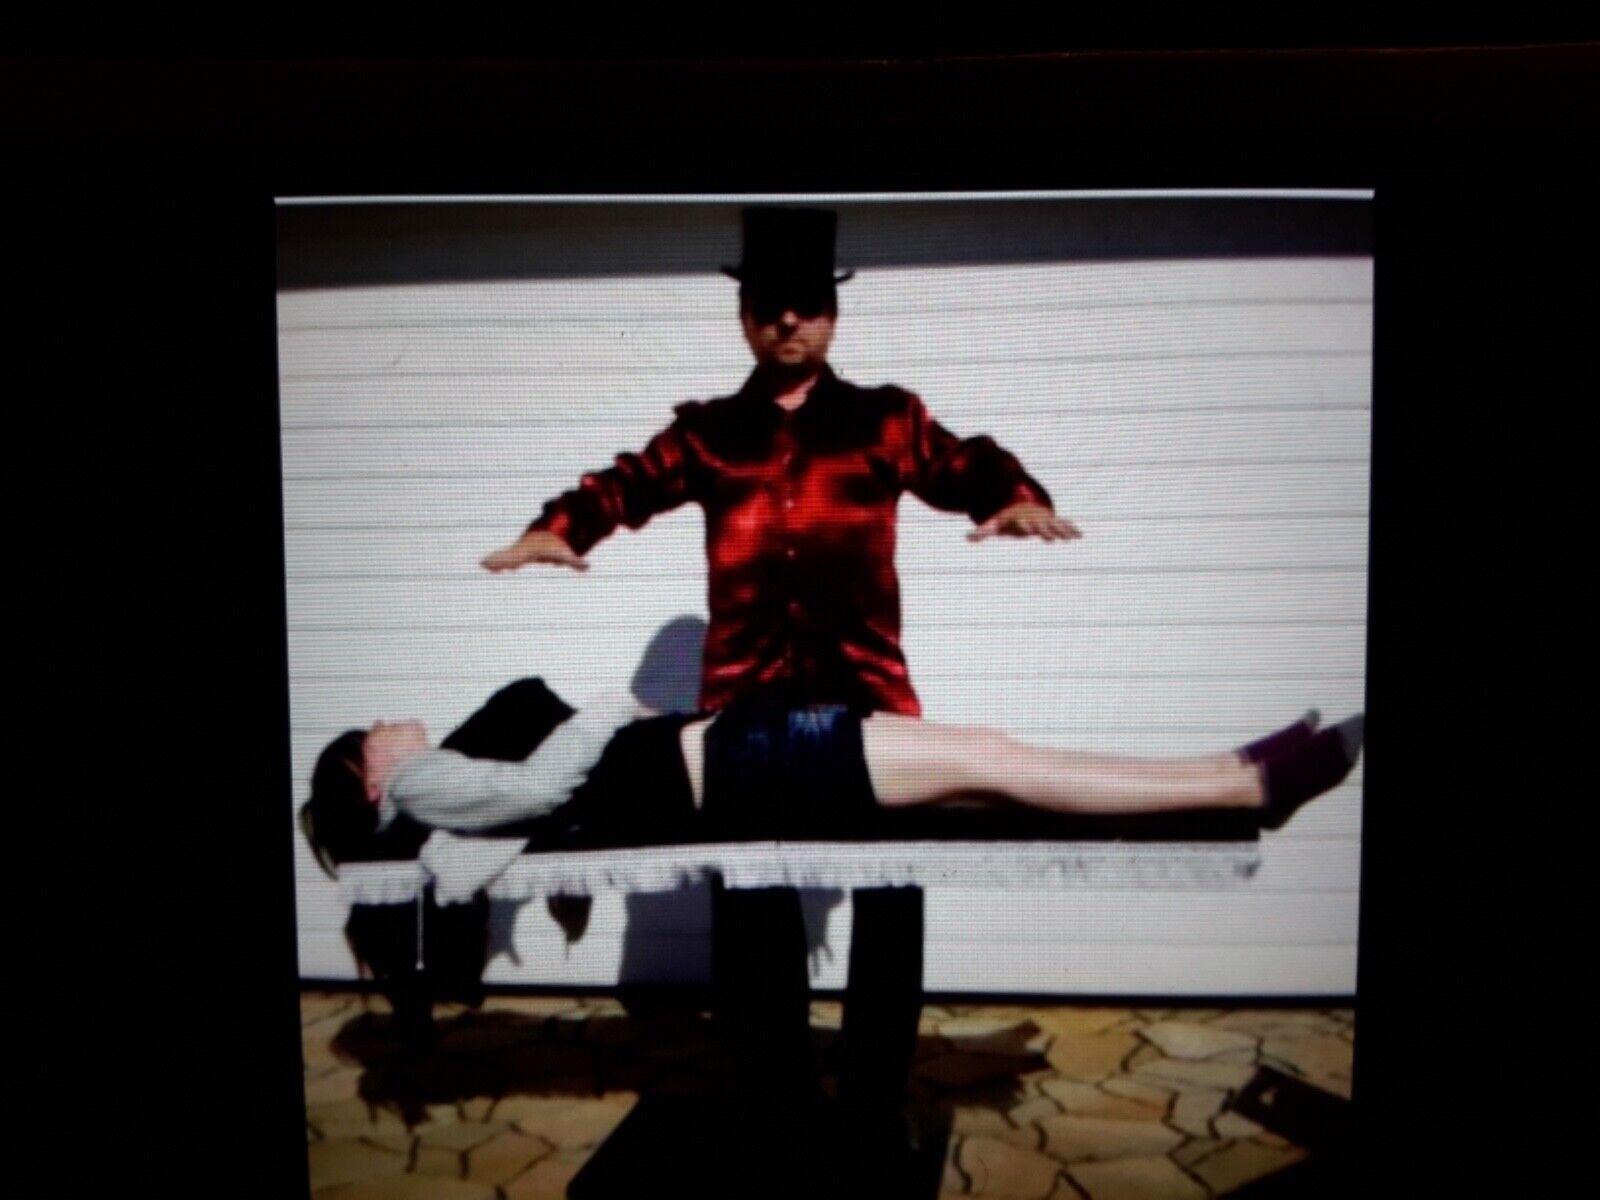 Floating Girl Schwebende Frau mit uneingeweiter Zuschauerin Zuschauer, Zauben